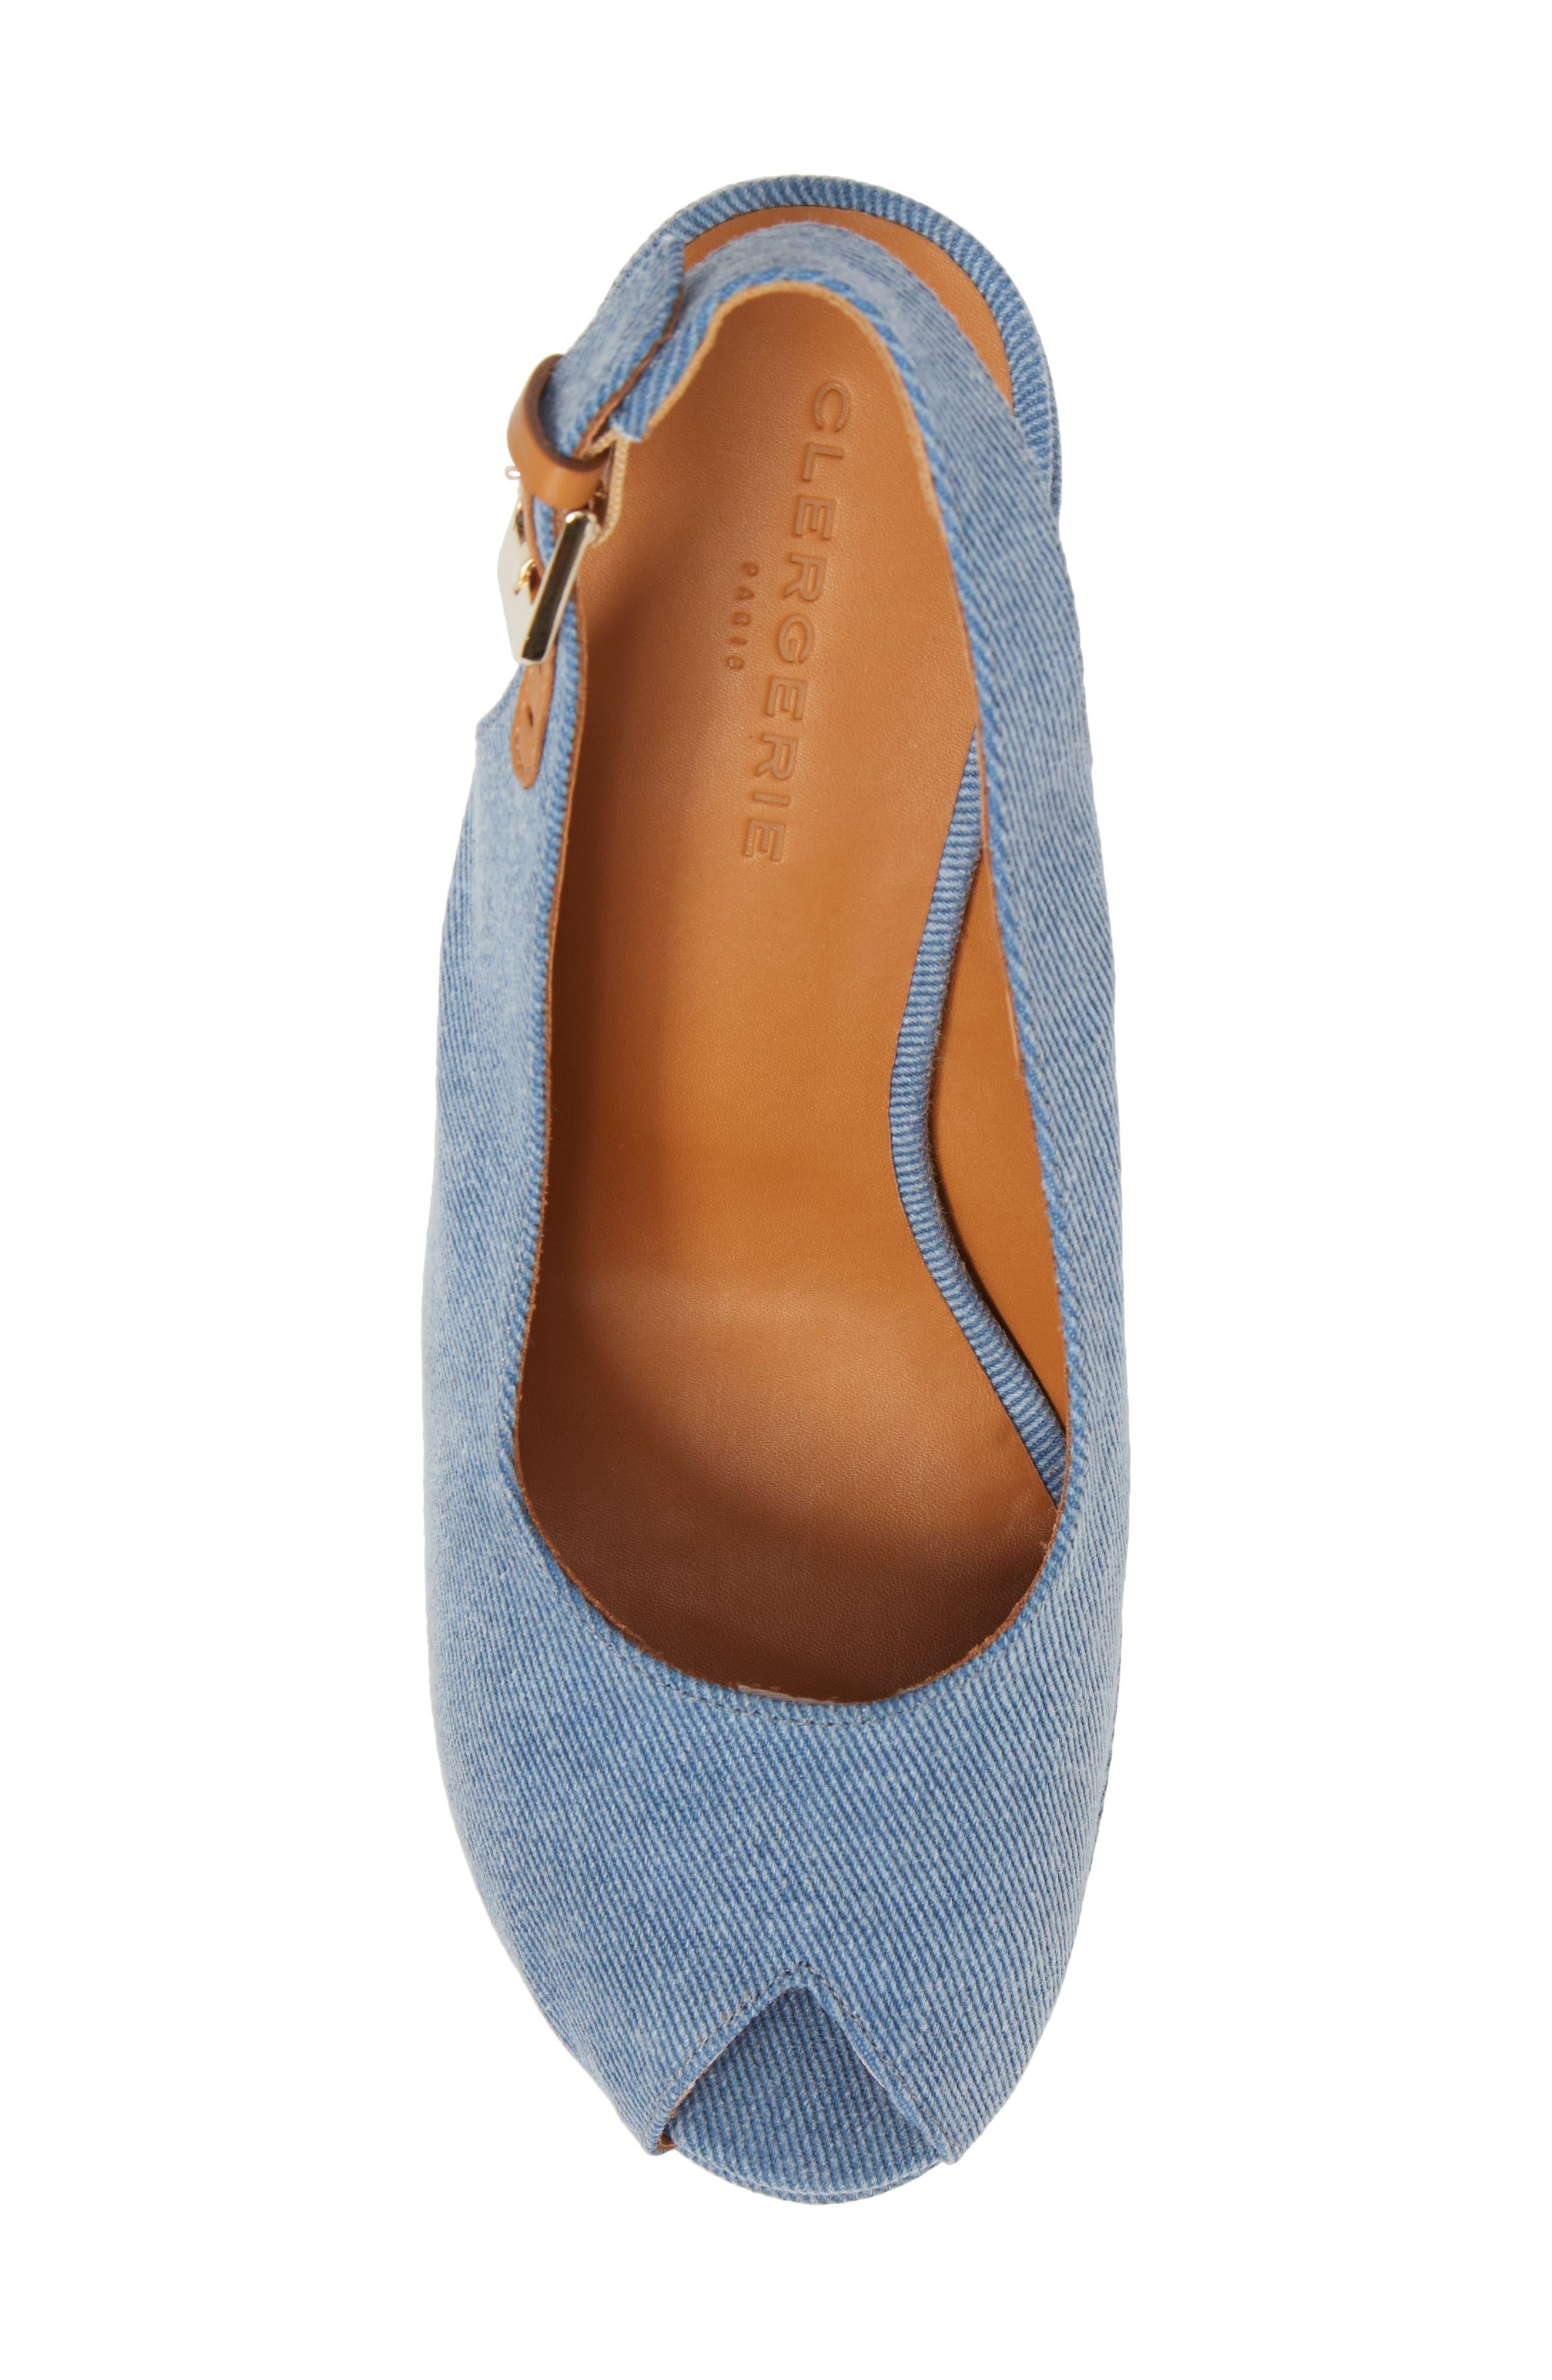 Dylanto Platform Wedge Sandal,                             Alternate thumbnail 5, color,